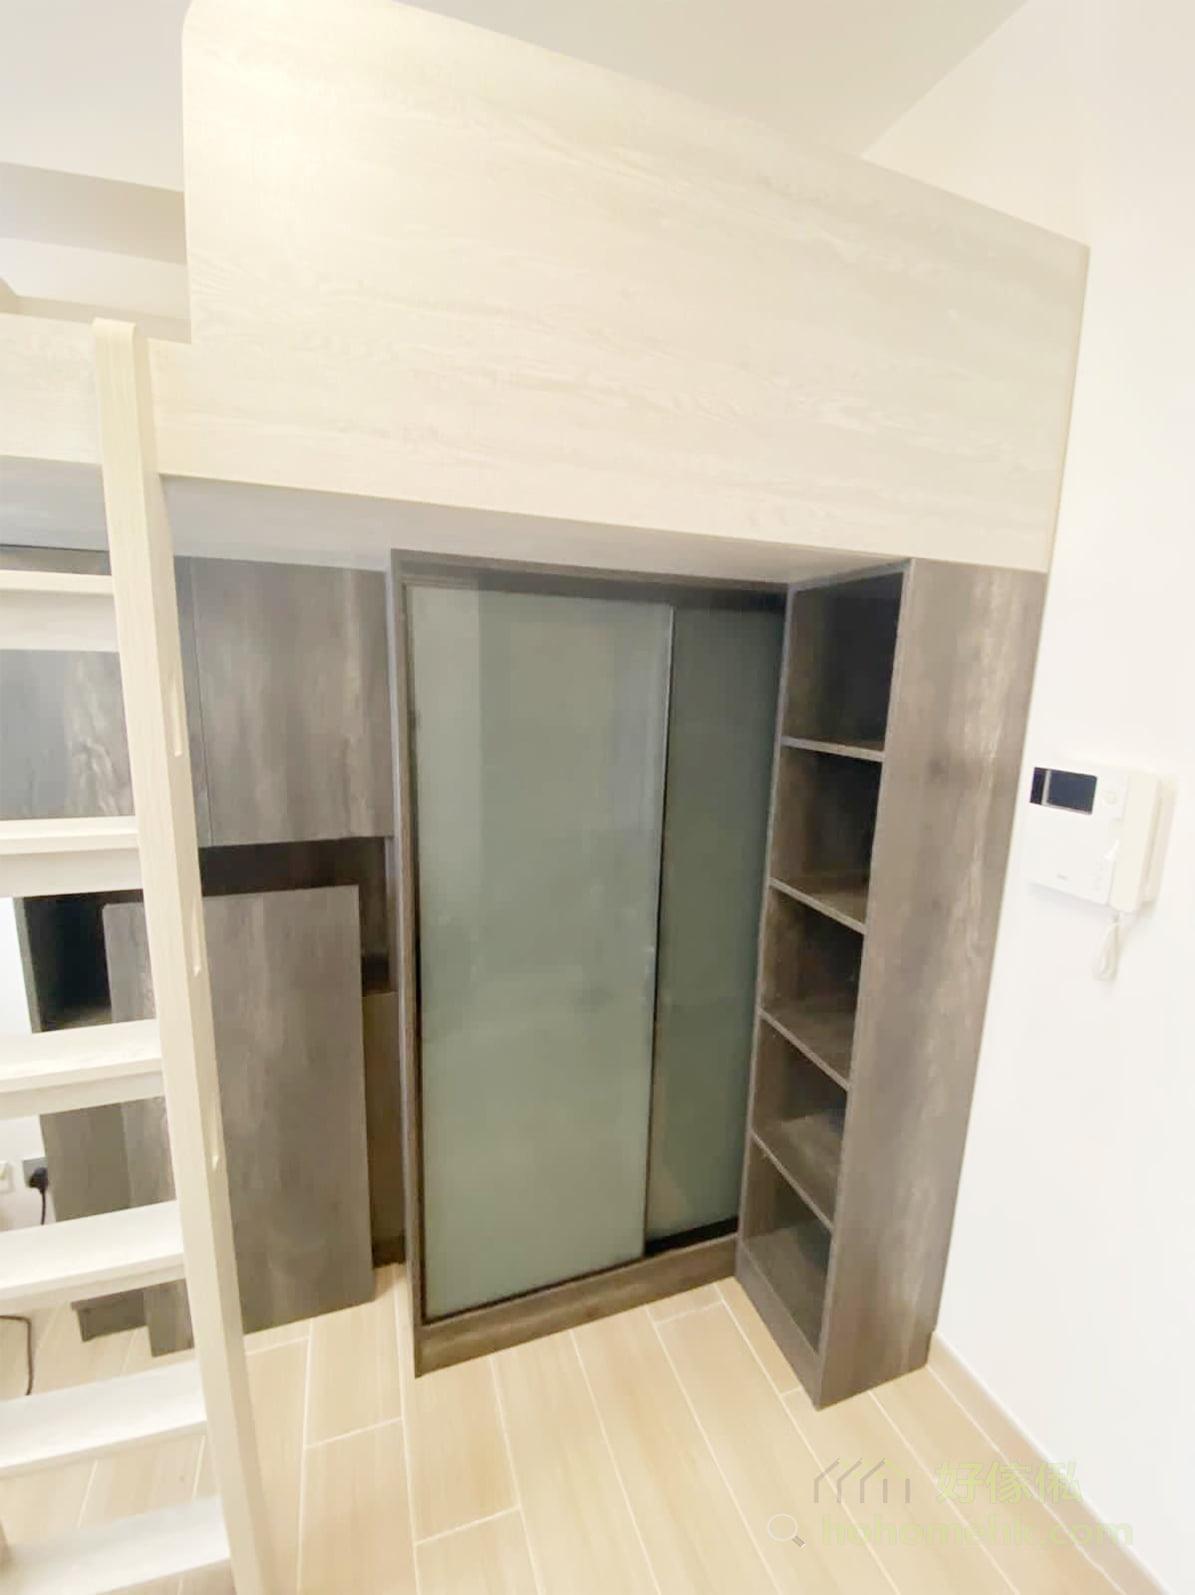 閣樓底下利用不同儲物櫃有不同深淺度的特性,與閣樓爬梯位置配合,就可以打造出順暢的動線和最大化的收納空間,同時櫃體的深淺度營造了空間的層次感,成為一個非常好看又好用的專屬衣帽間